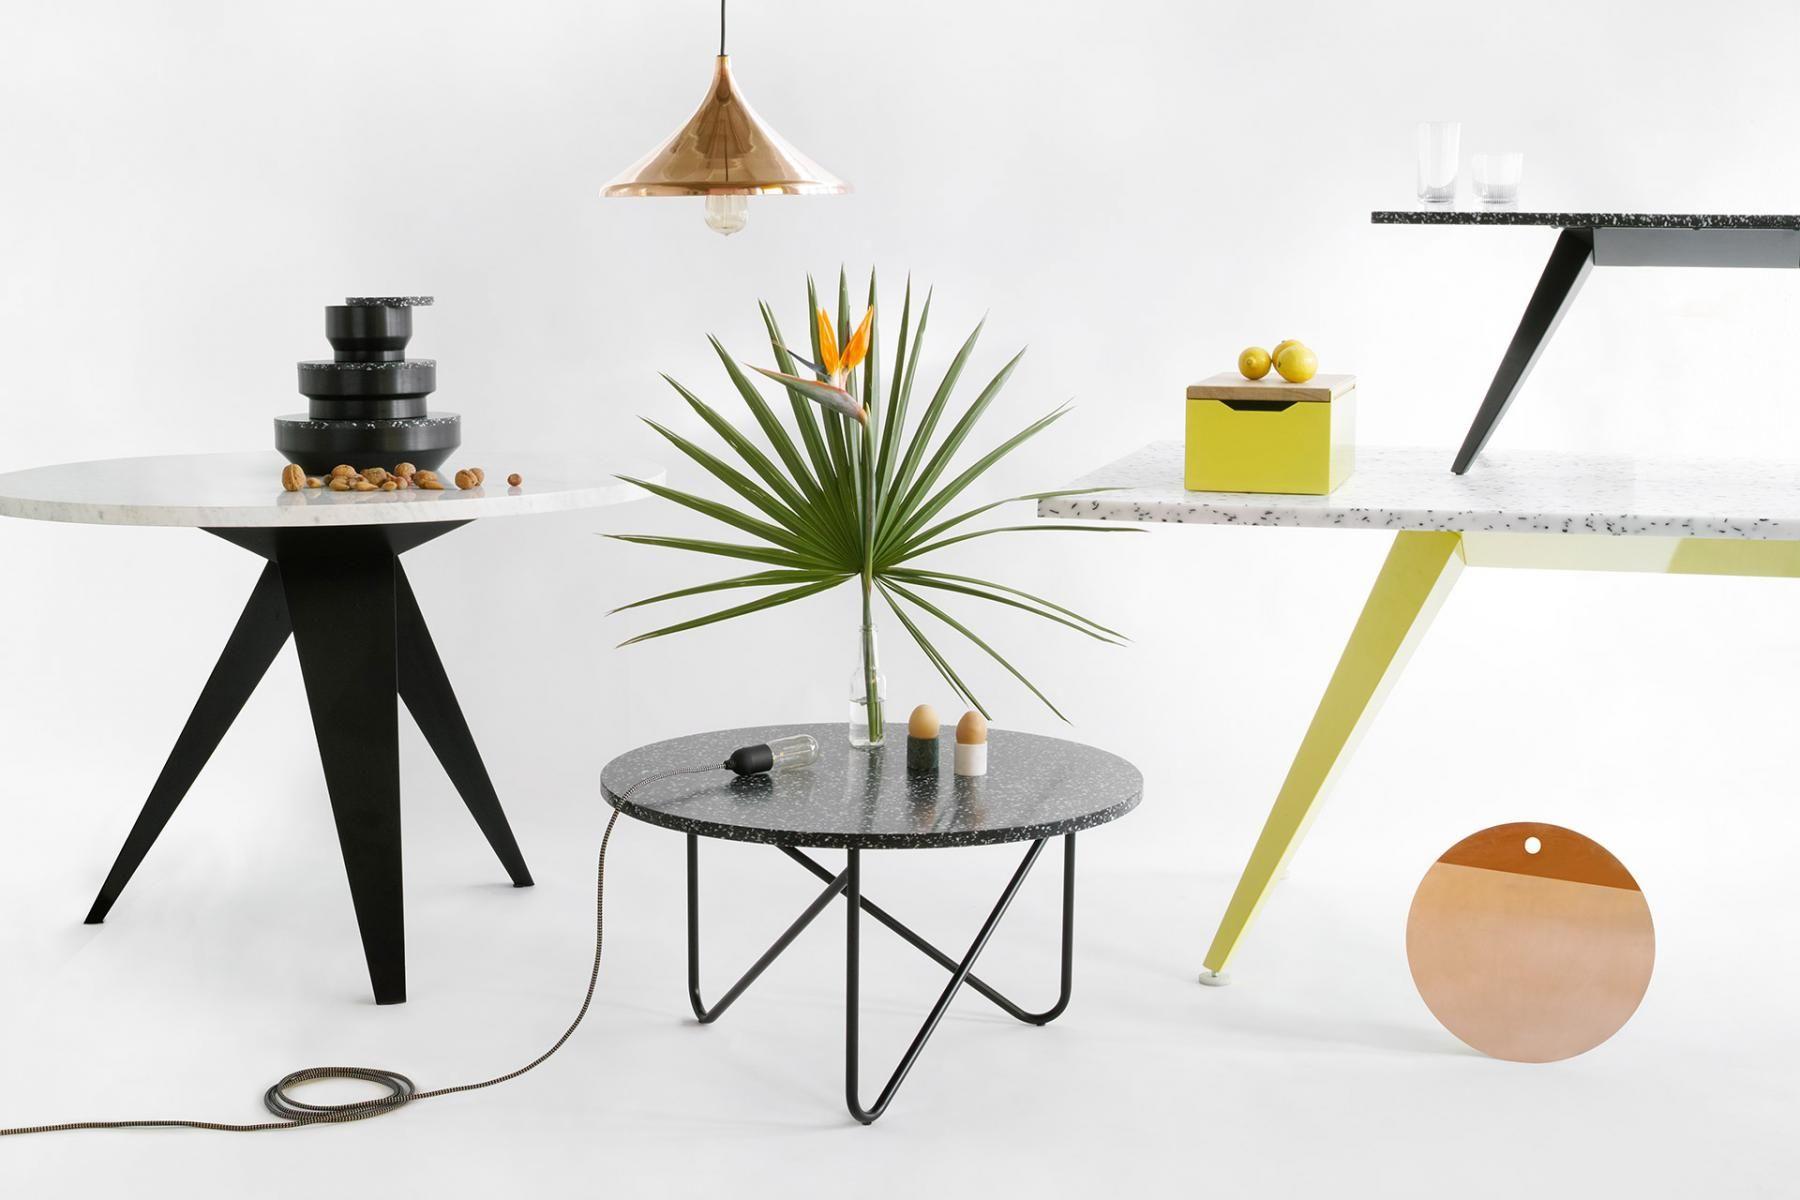 Das Ist Berlin A Conversation With 45 Kilo Furniture Design